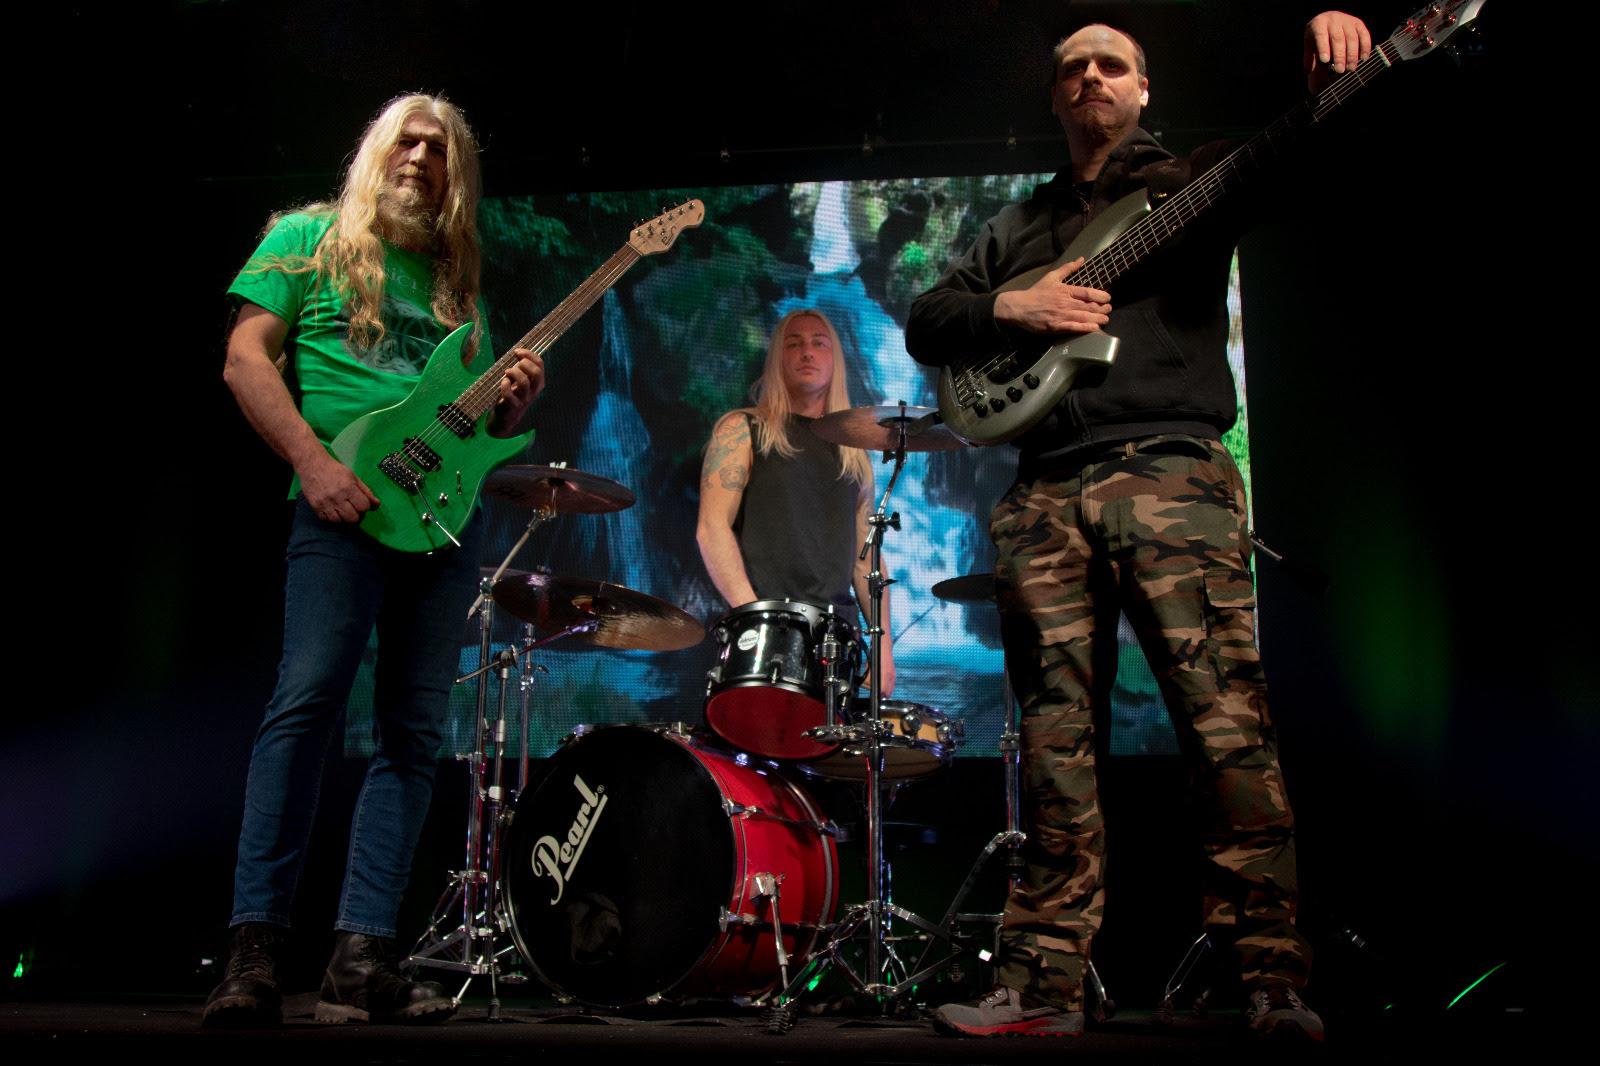 L'immagine può contenere: 3 persone, persone sul palco